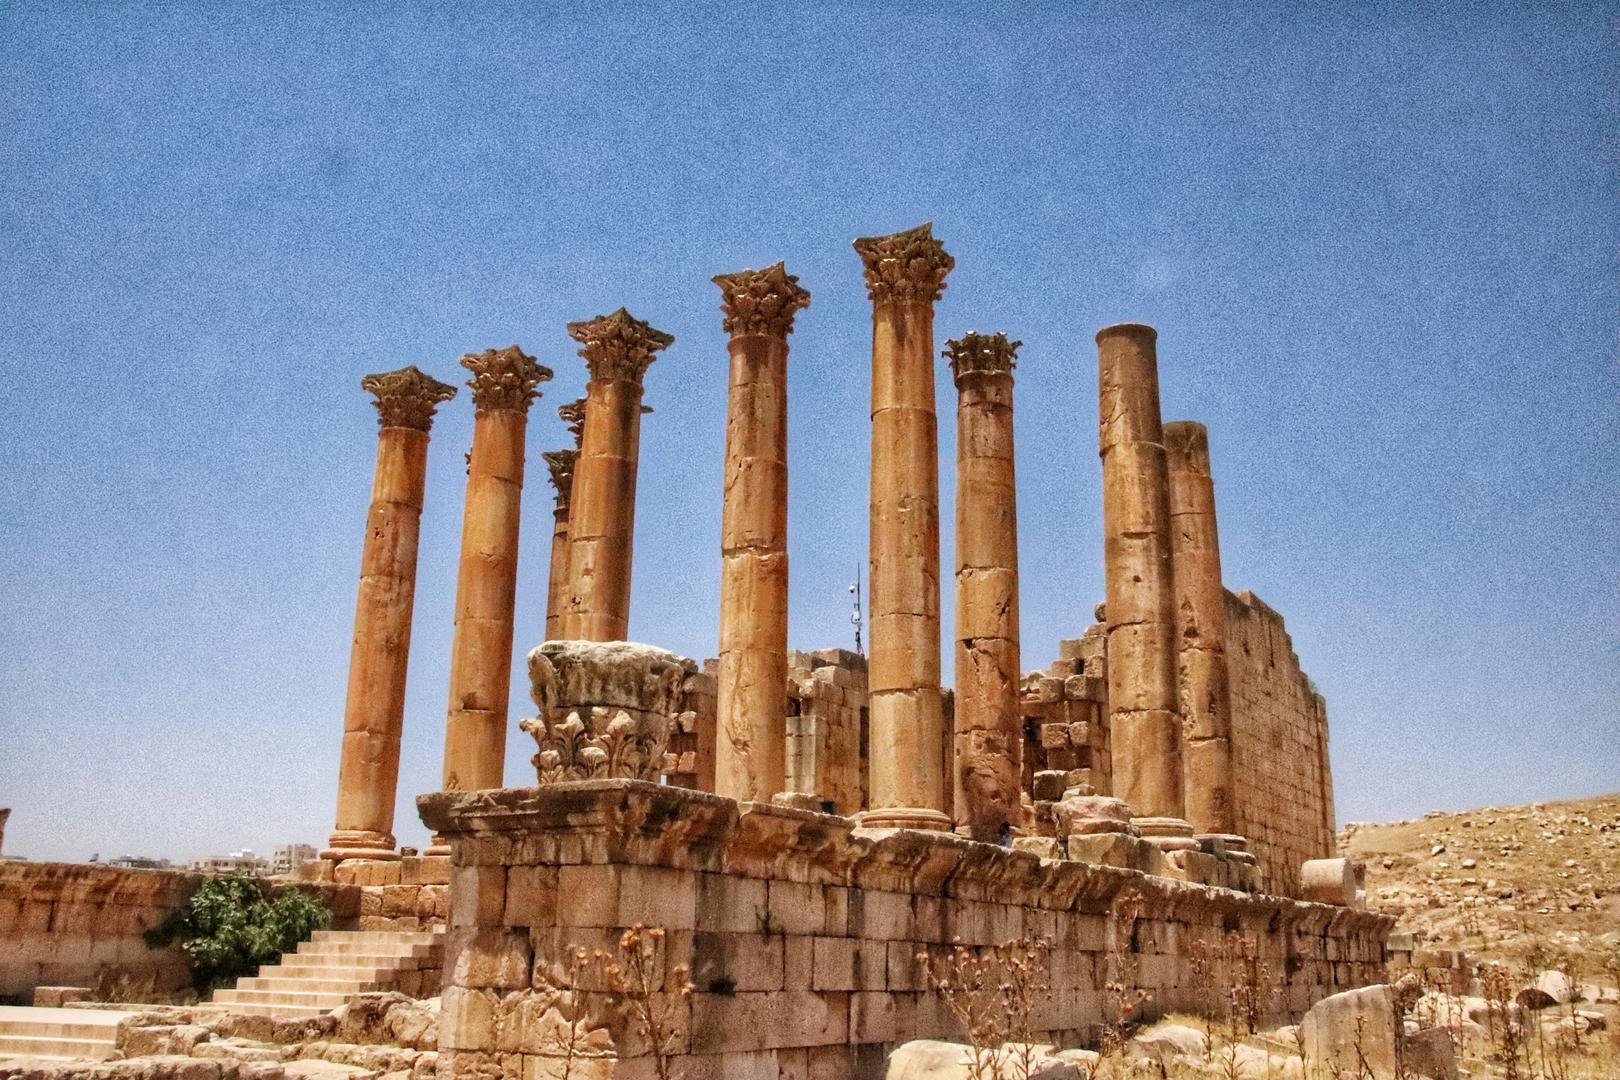 Jordanie - Temple d'Artemis sur le site romain de Jerash